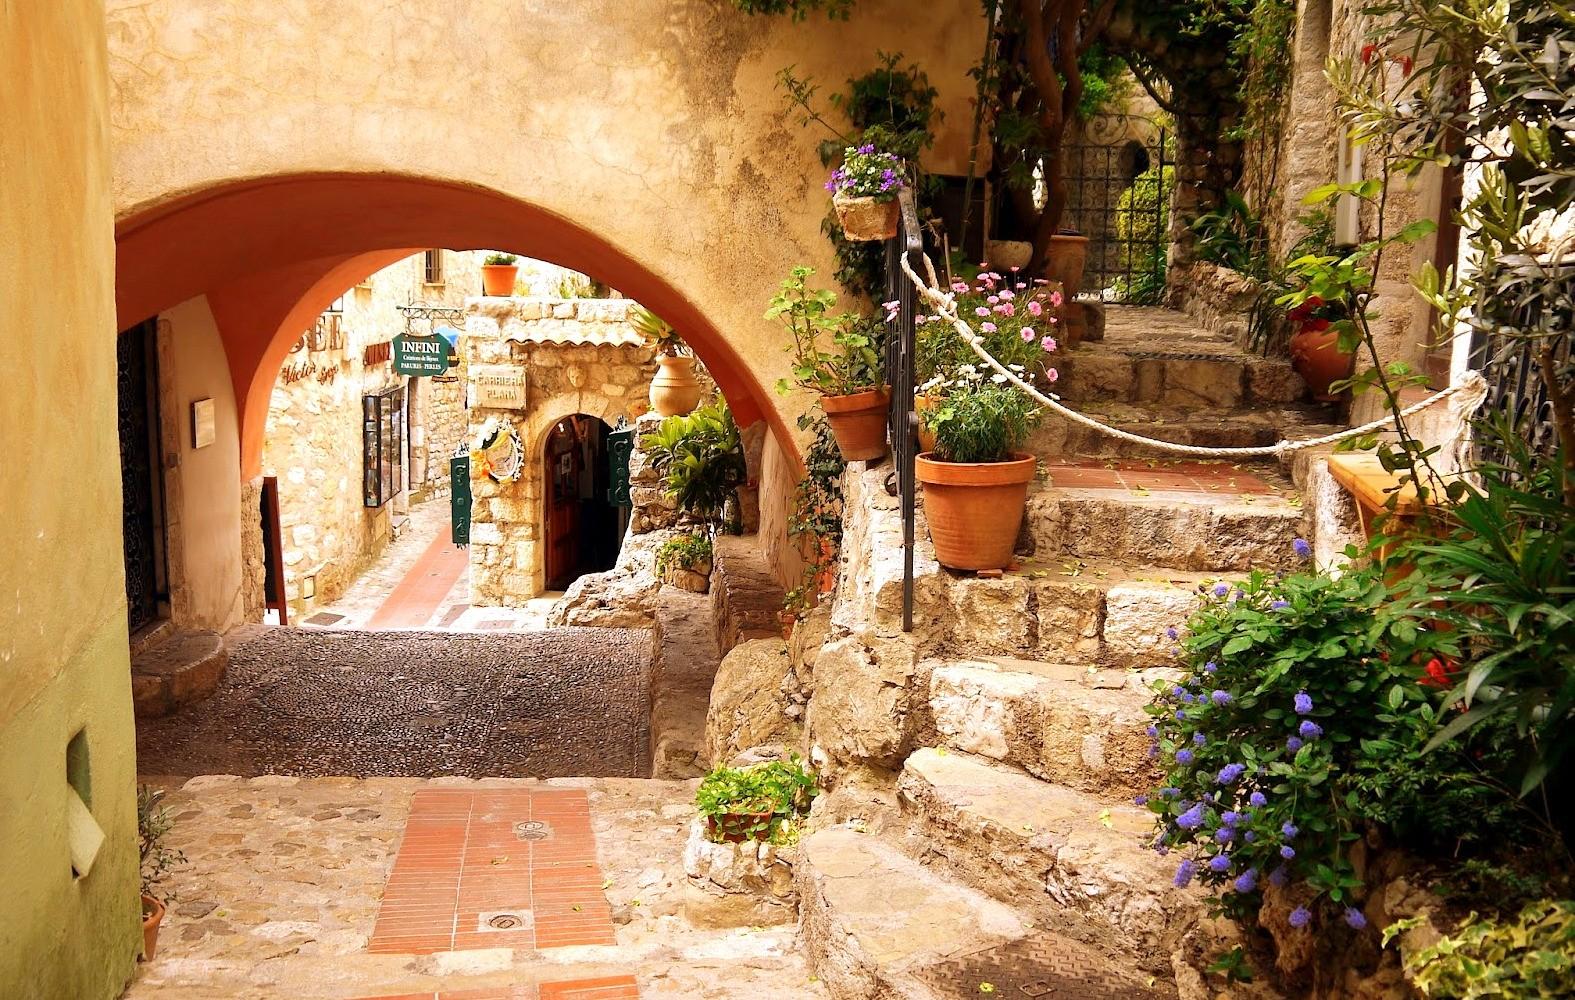 Eze Medieval Tourist Village Francecomfort Holiday Parks